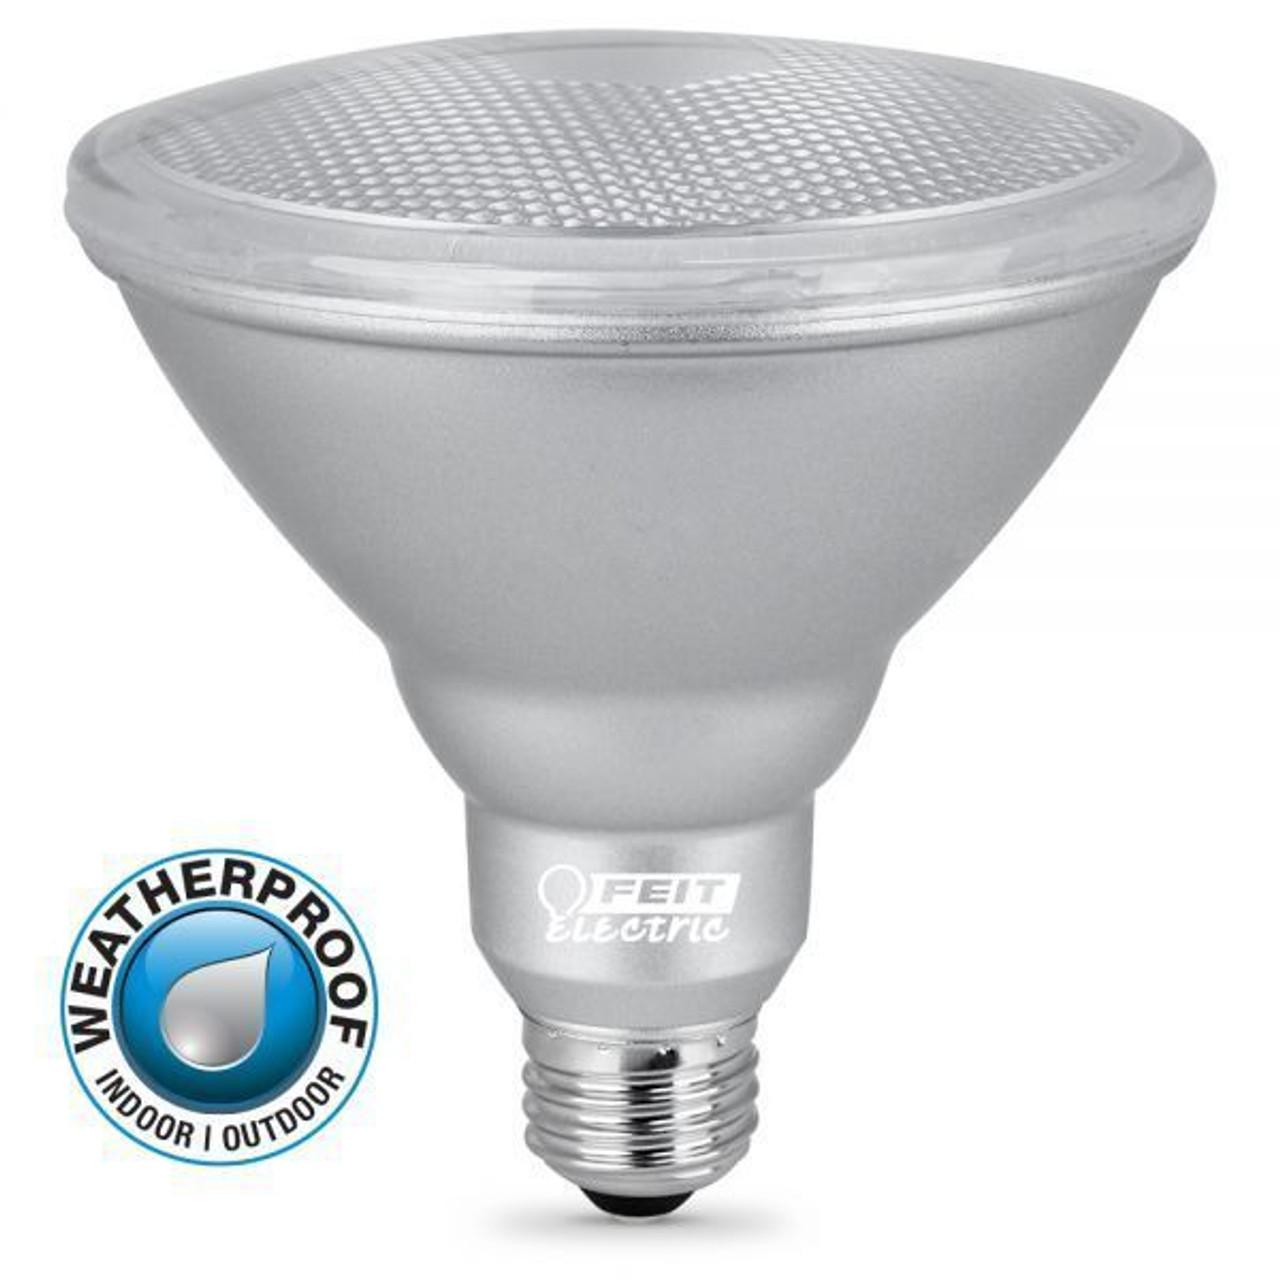 PAR38 LED Green Light PAR38//G//10KLED//BX Feit Electric 7W Decorative LED